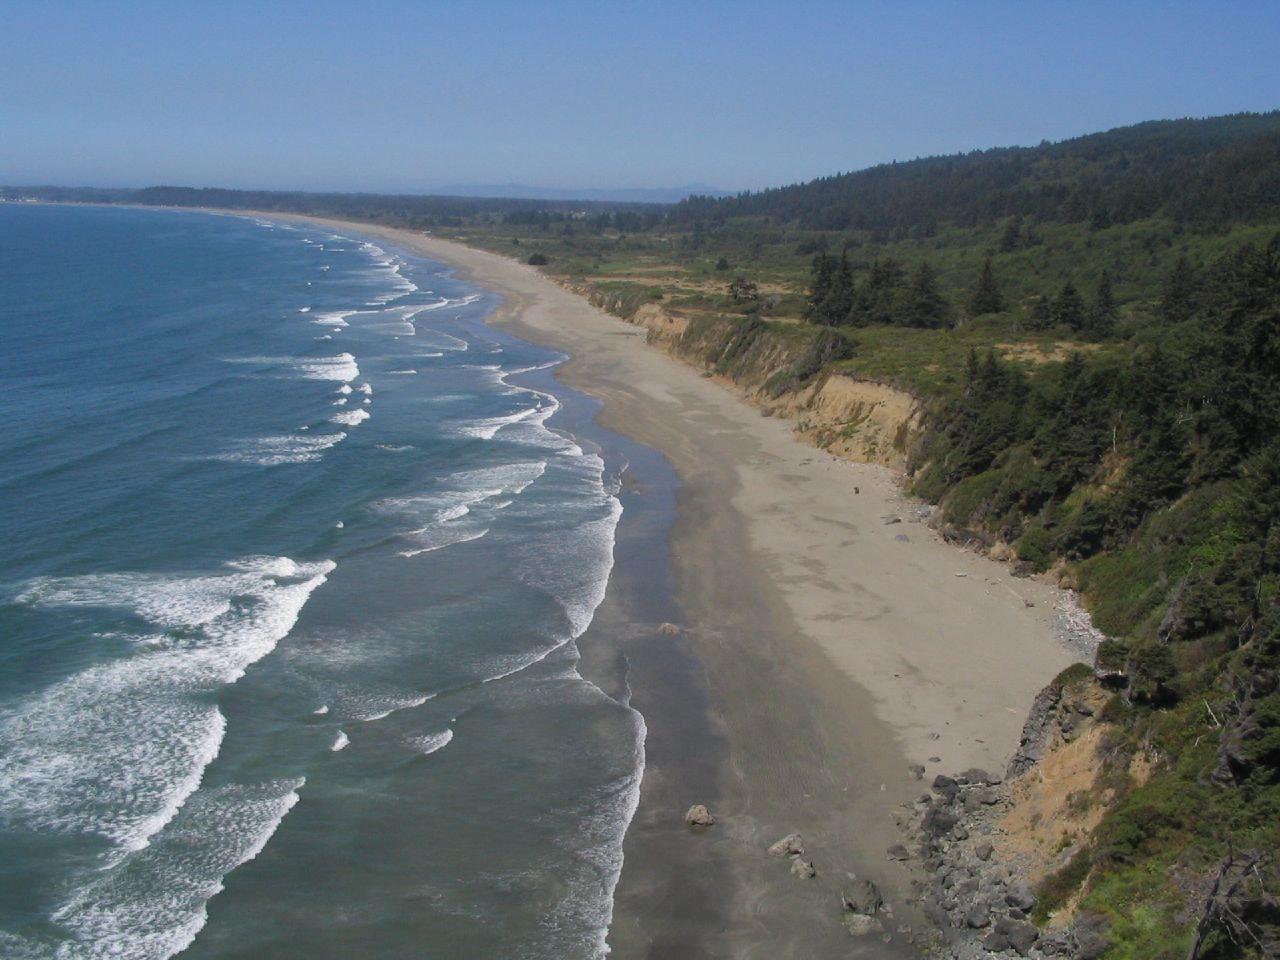 Enderts Beach, California | Ken Lund Flickr